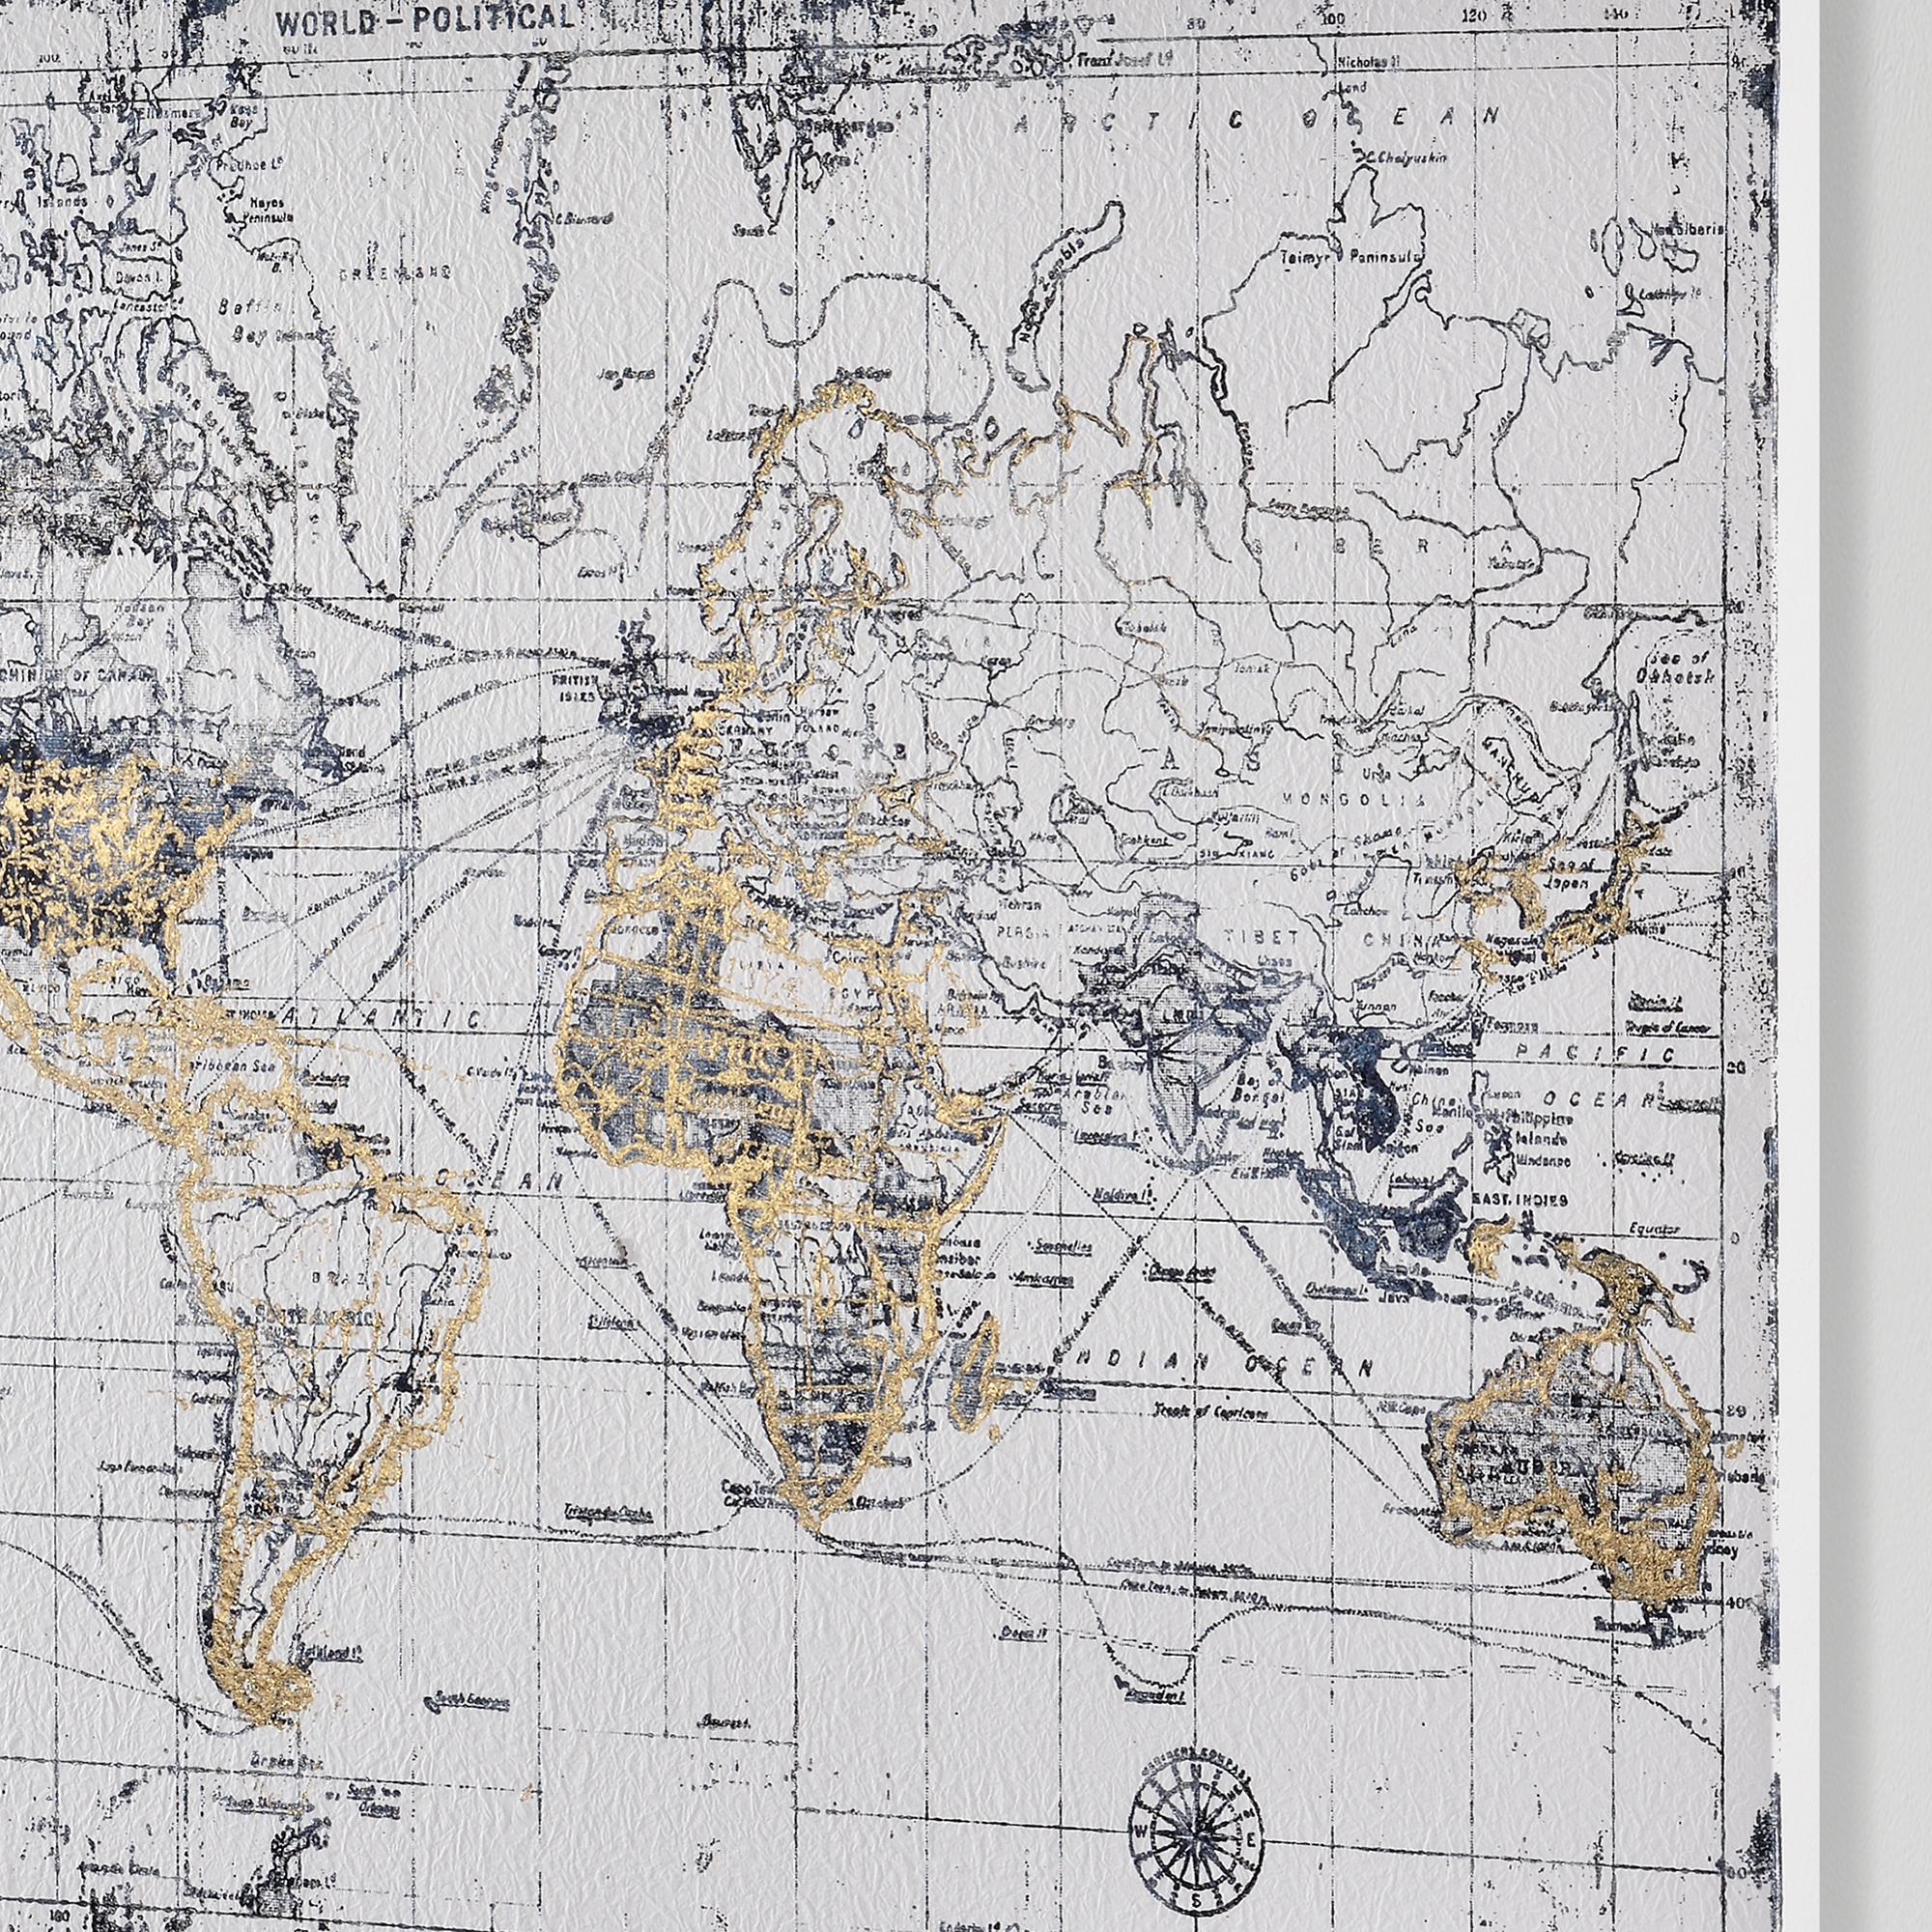 Erfreut Weltkarte Mit Stecknadeln Gerahmt Galerie - Rahmen Ideen ...